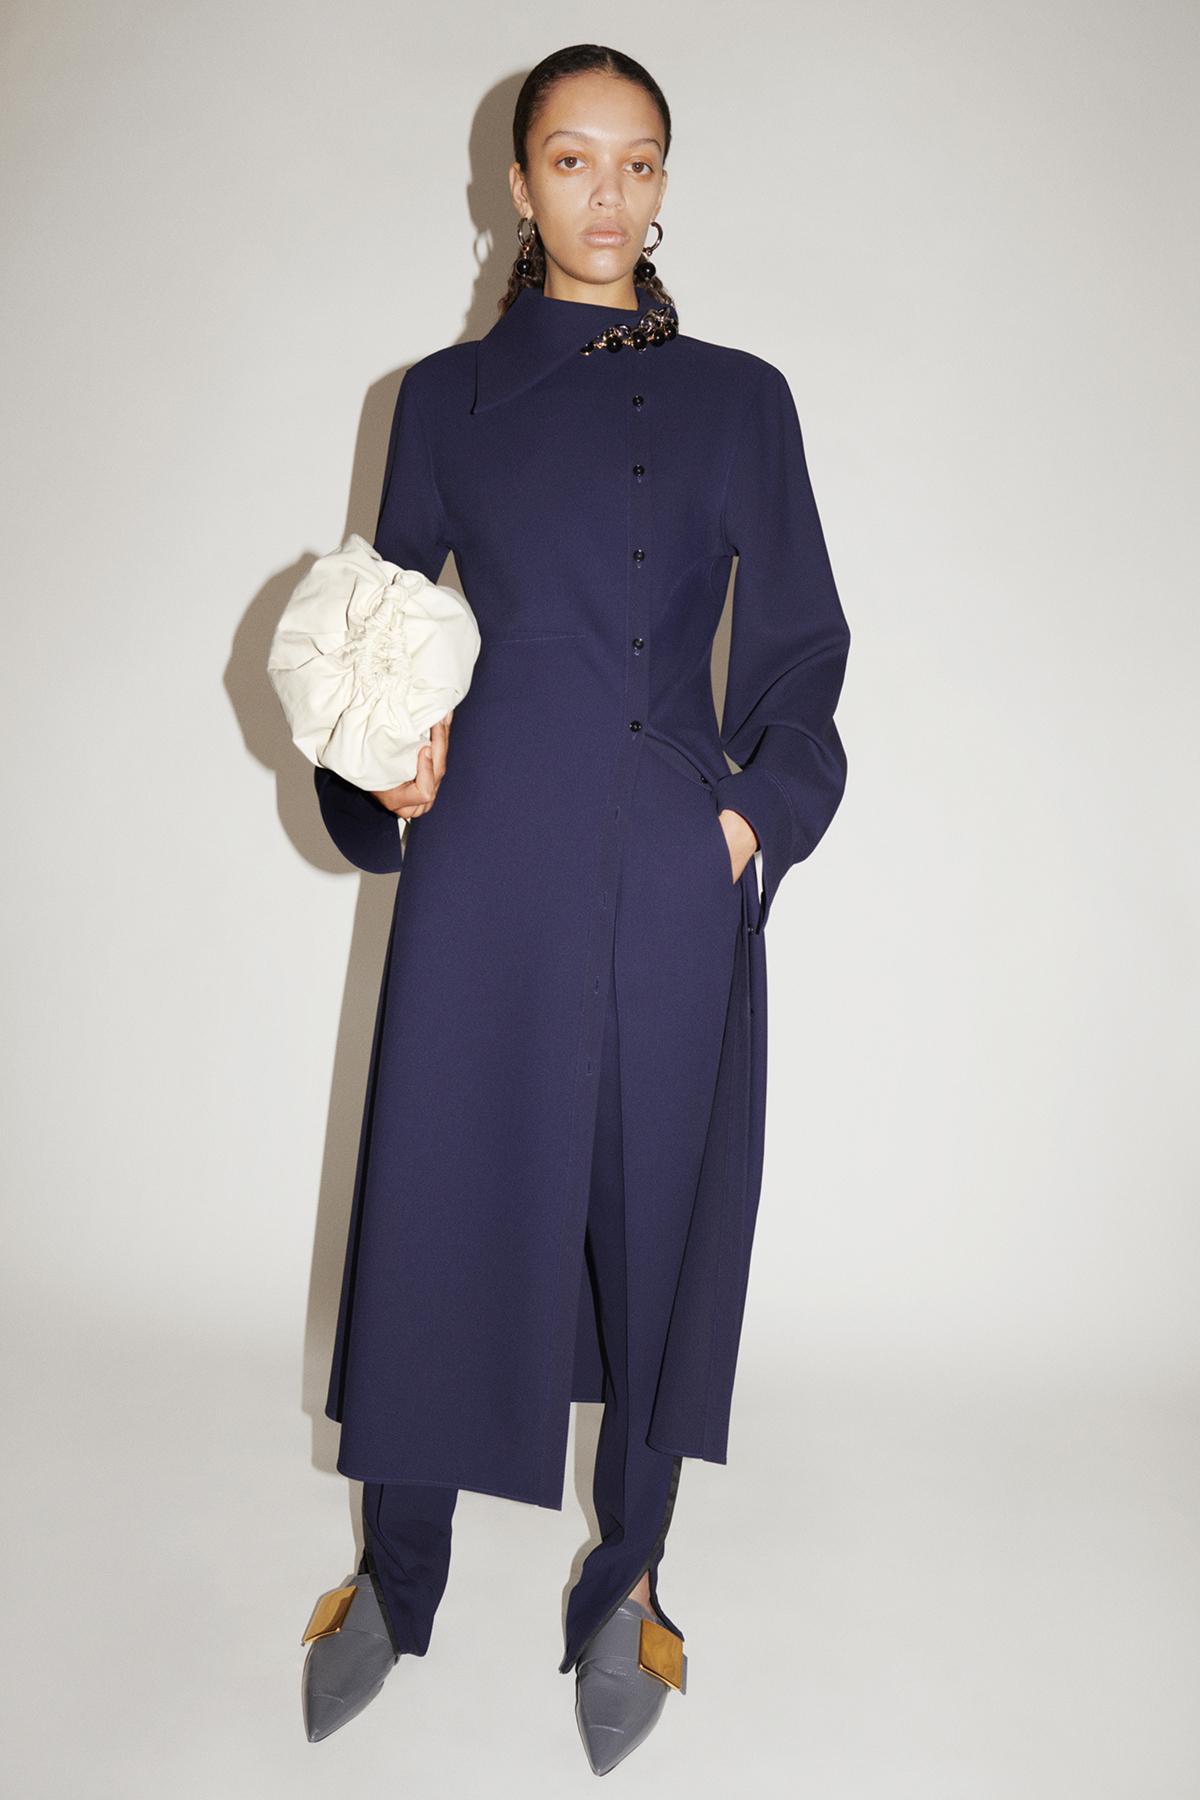 Jil Sander Pre-Fall 2021 Fashion Show Photos